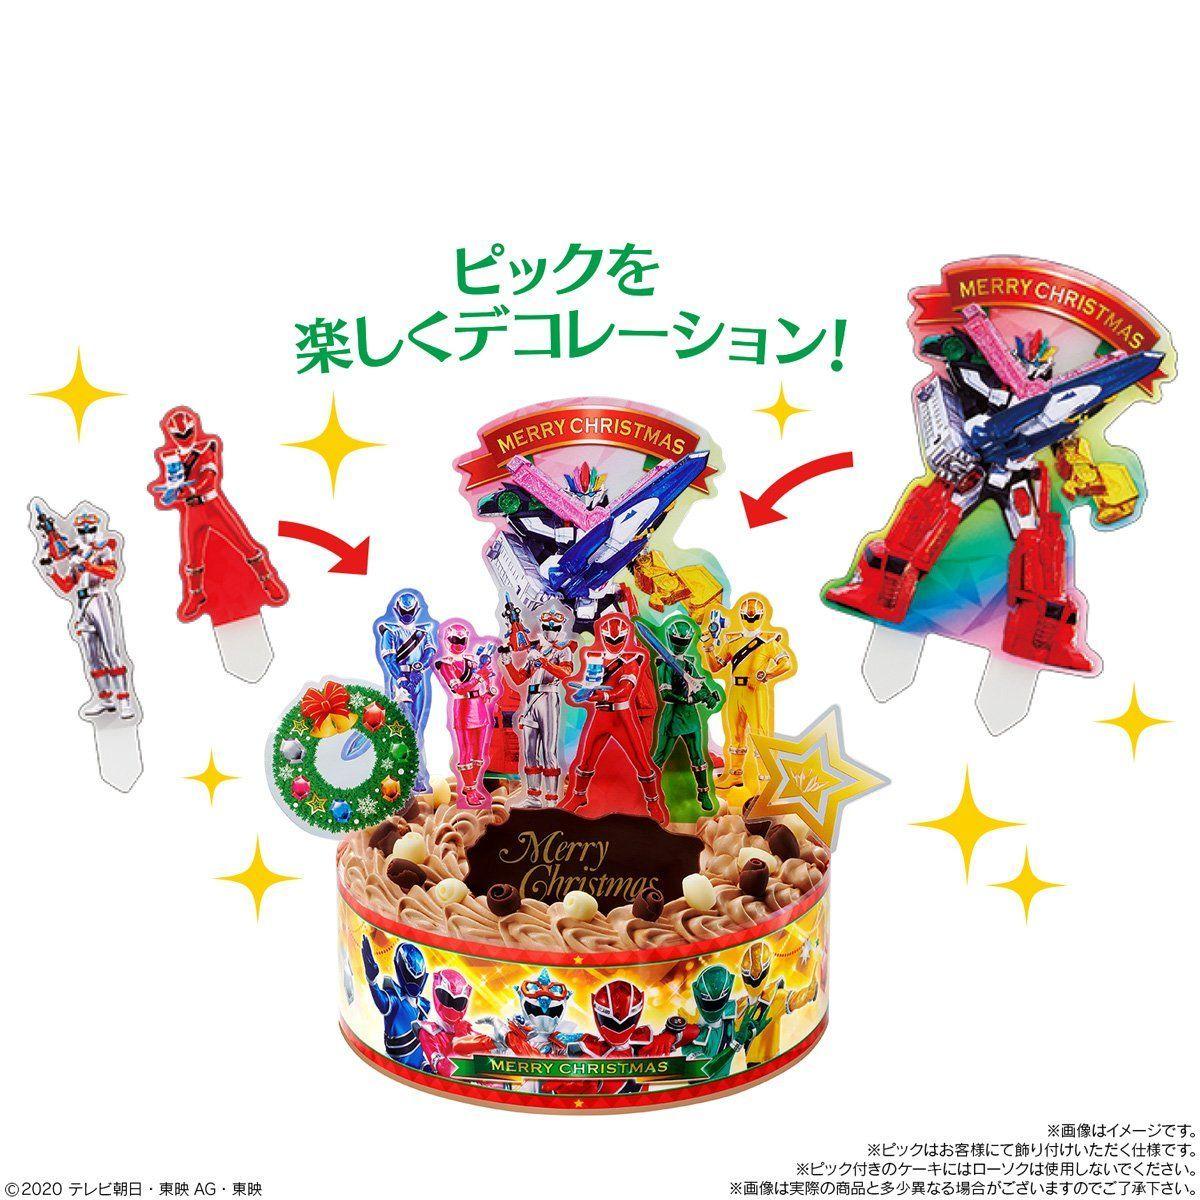 【特典あり】キャラデコクリスマス 魔進戦隊キラメイジャー(チョコクリーム)[5号サイズ]_3